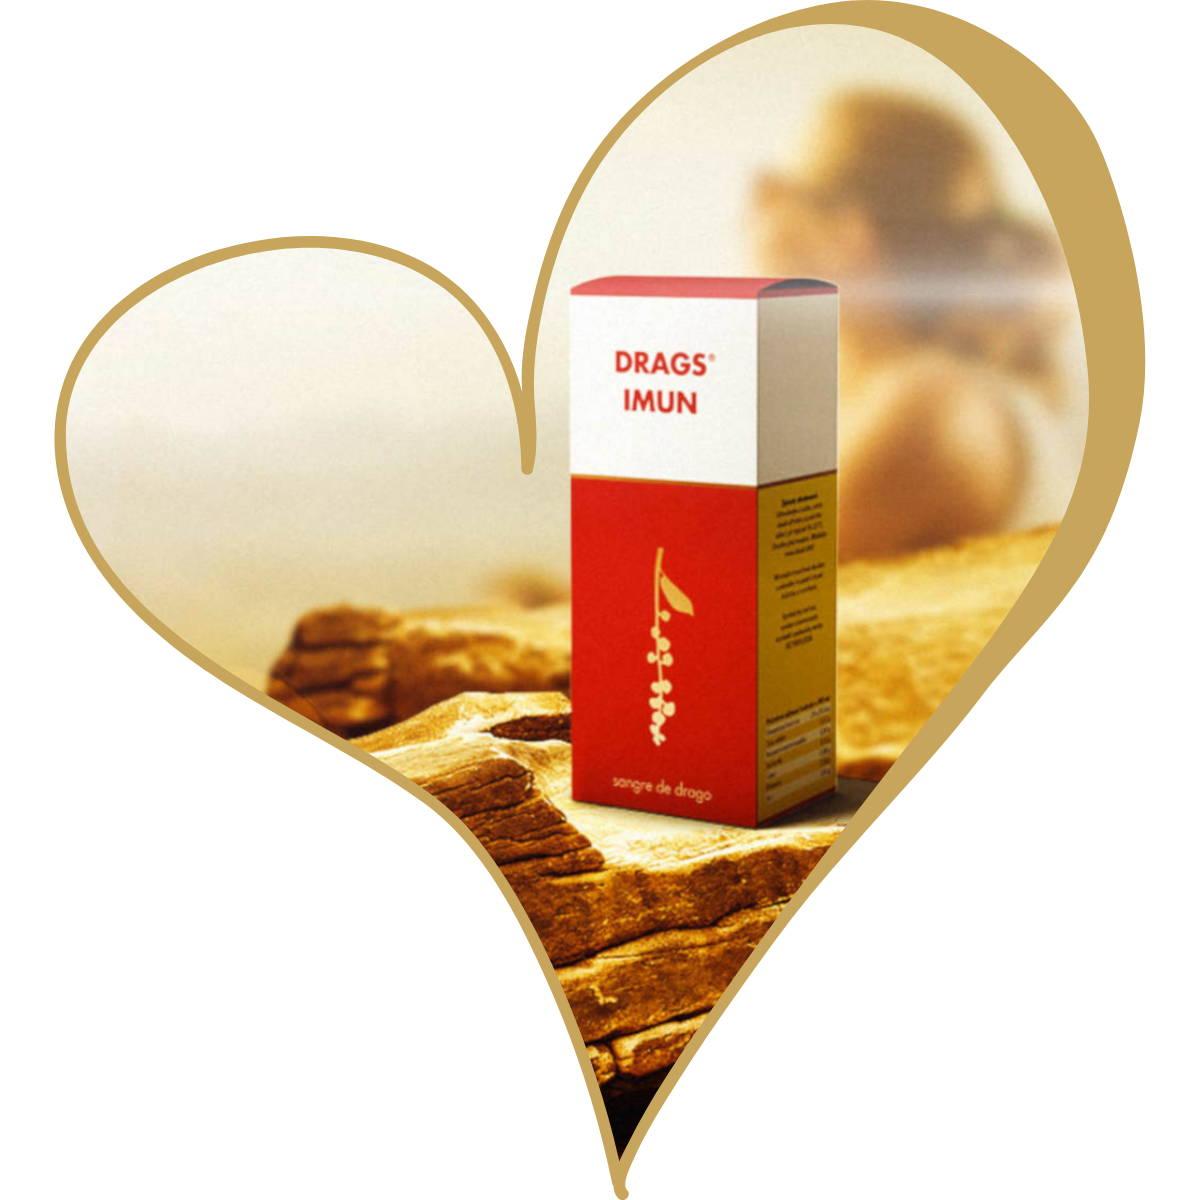 Herz mit Drags Imun